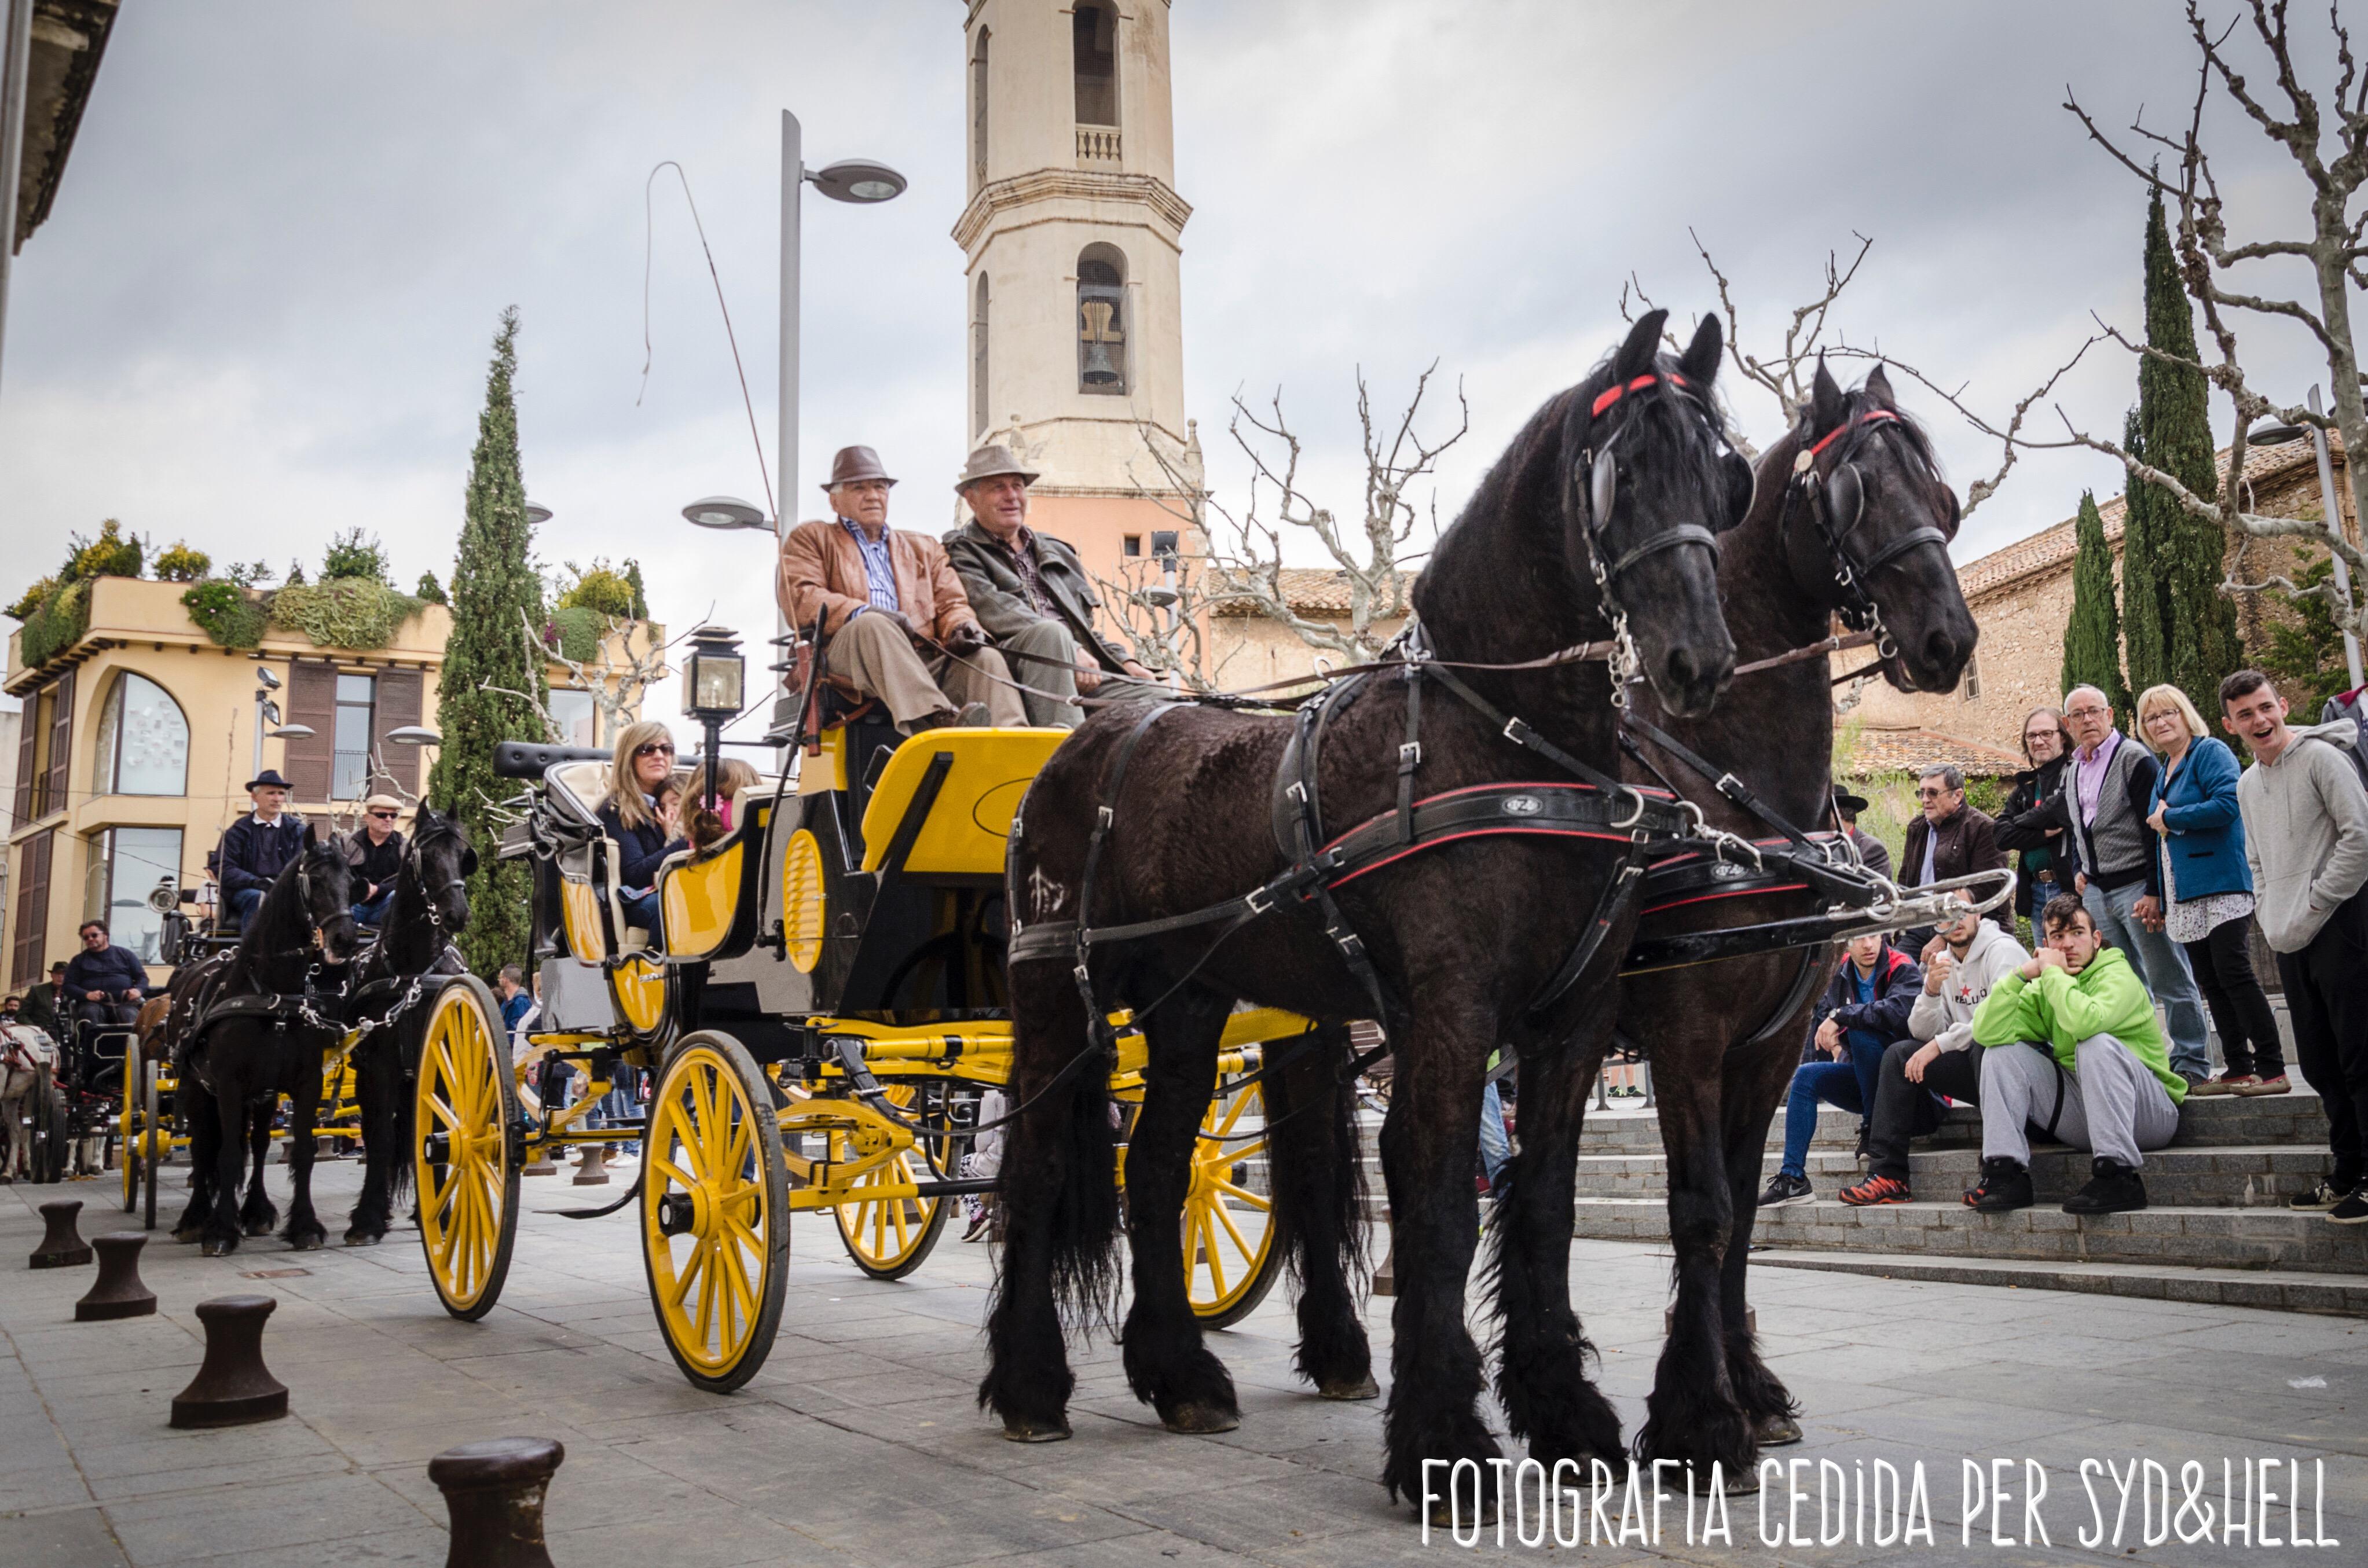 27 cavalls i 36 carros han participat aquest diumenge als Tres Tombs de La Bisbal